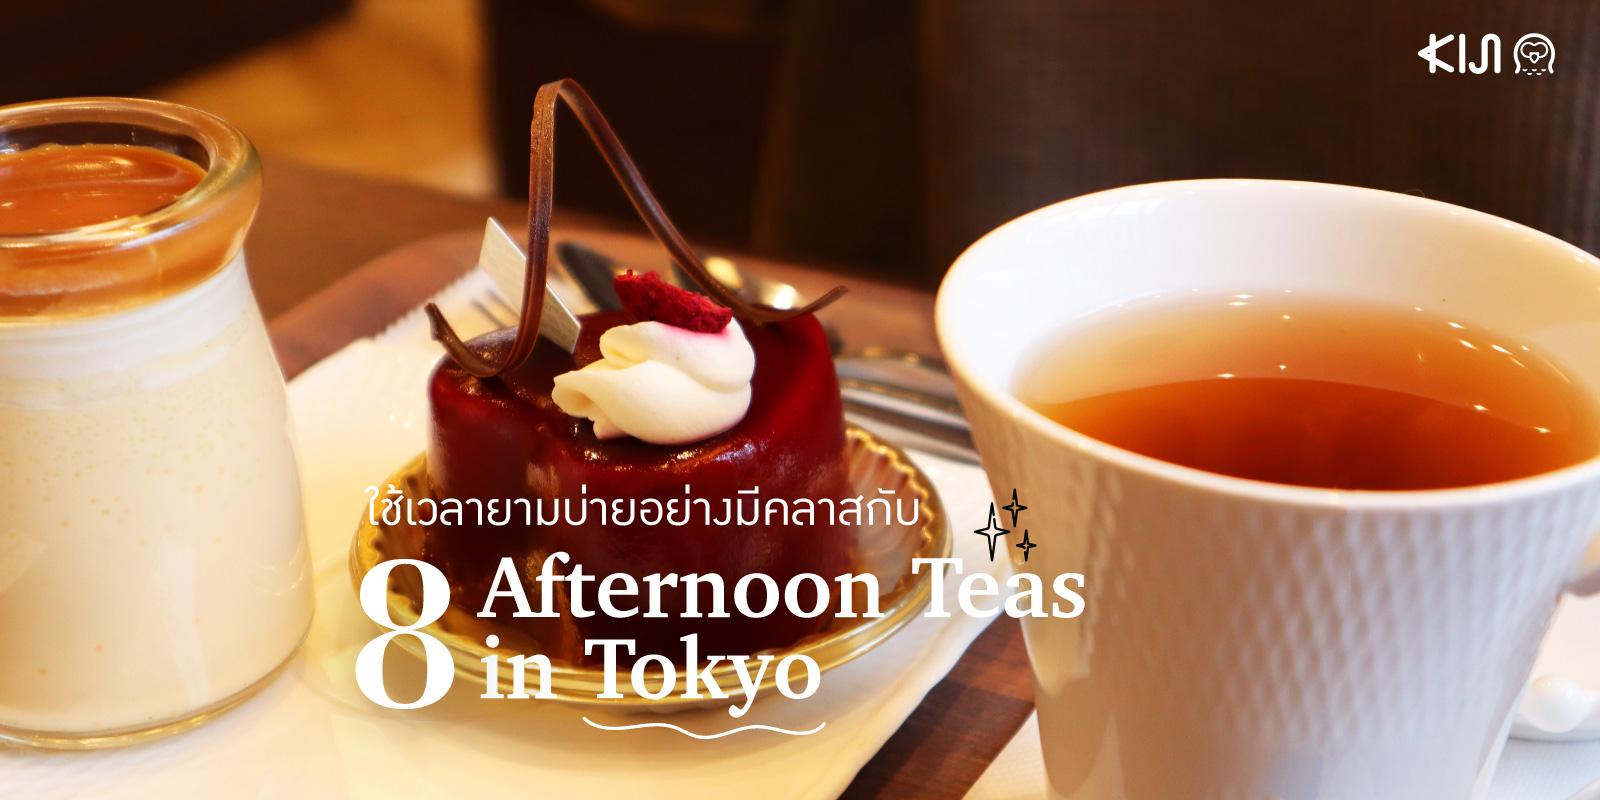 8 Afternoon Teas in Tokyo